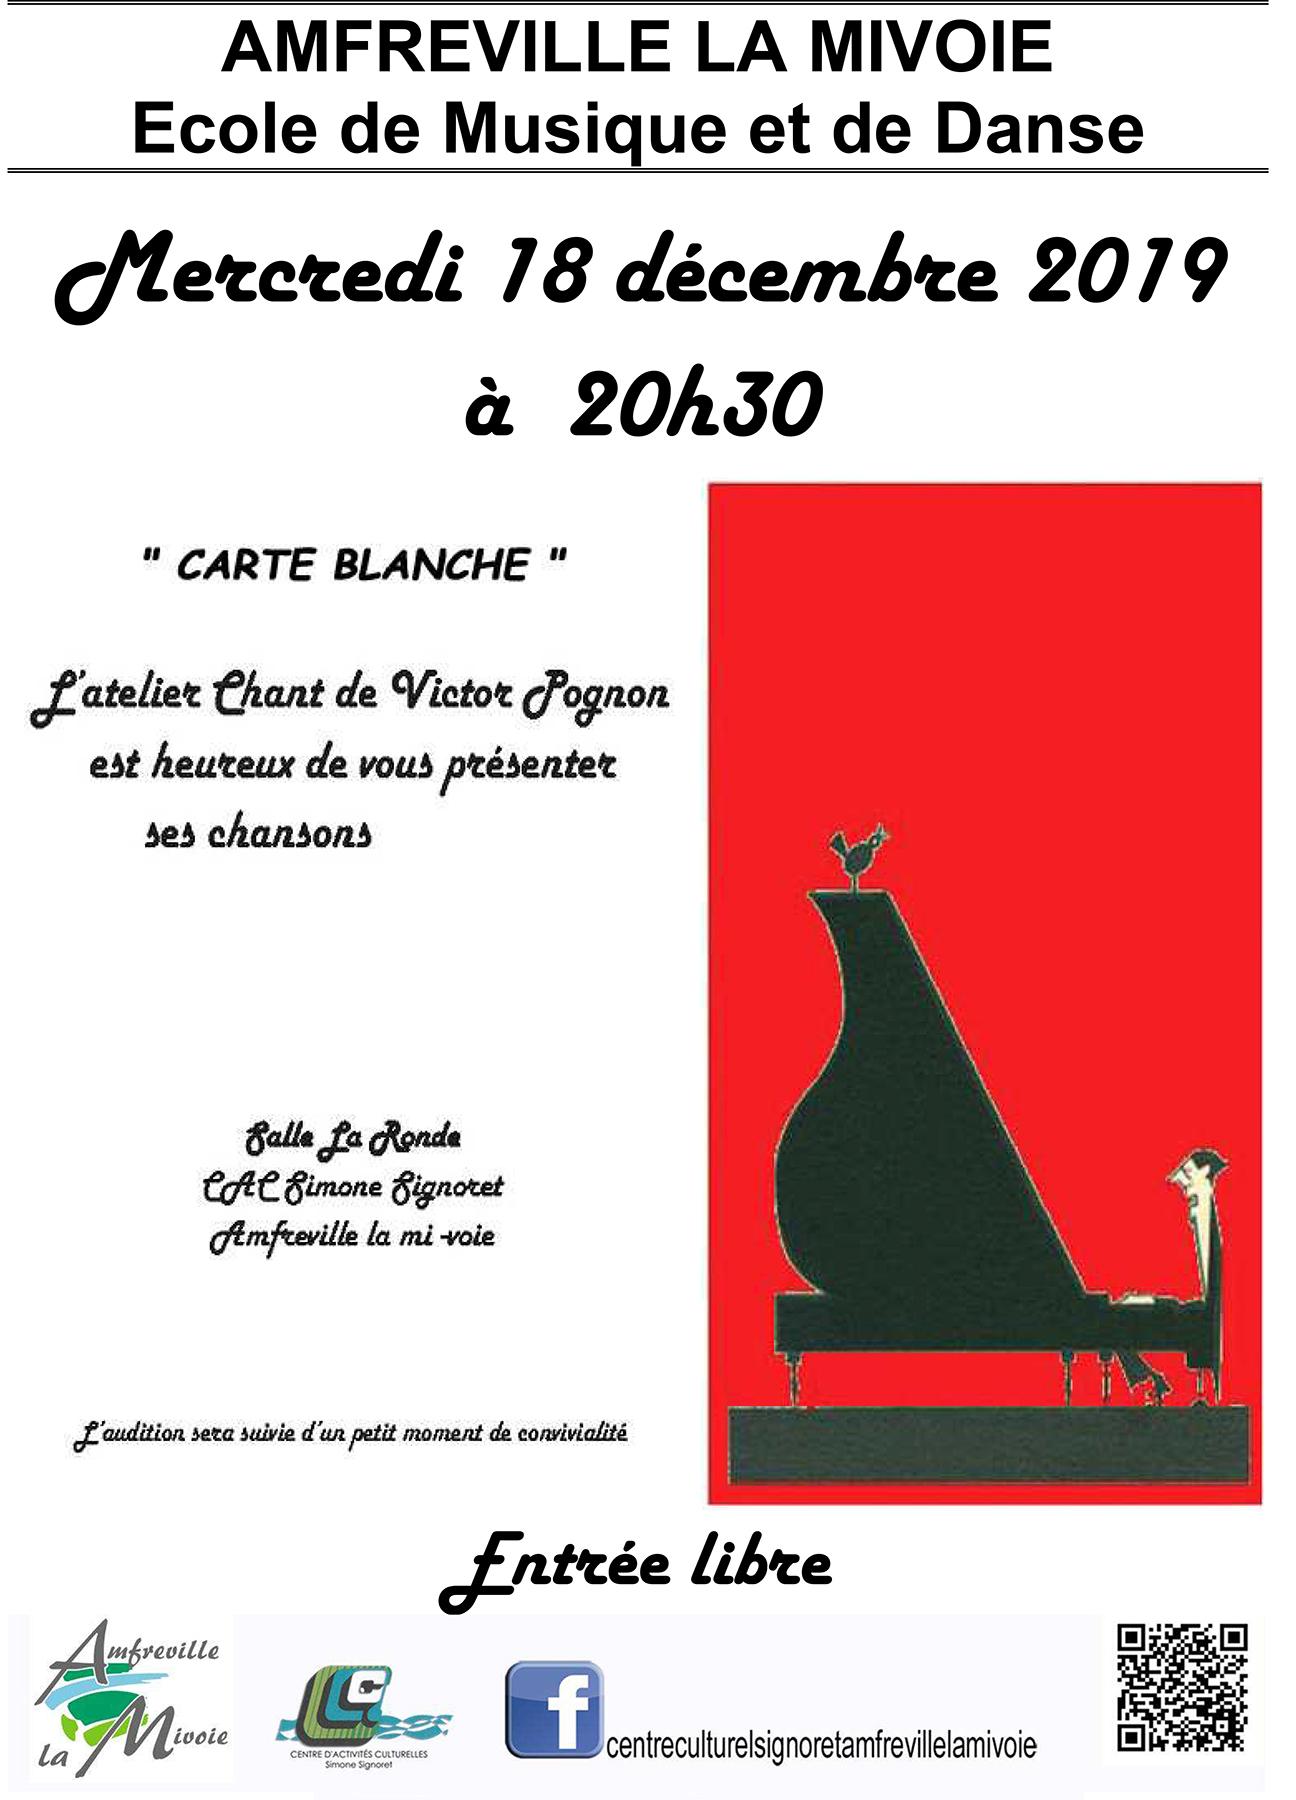 Affiche Atelier Chant 18 décembre